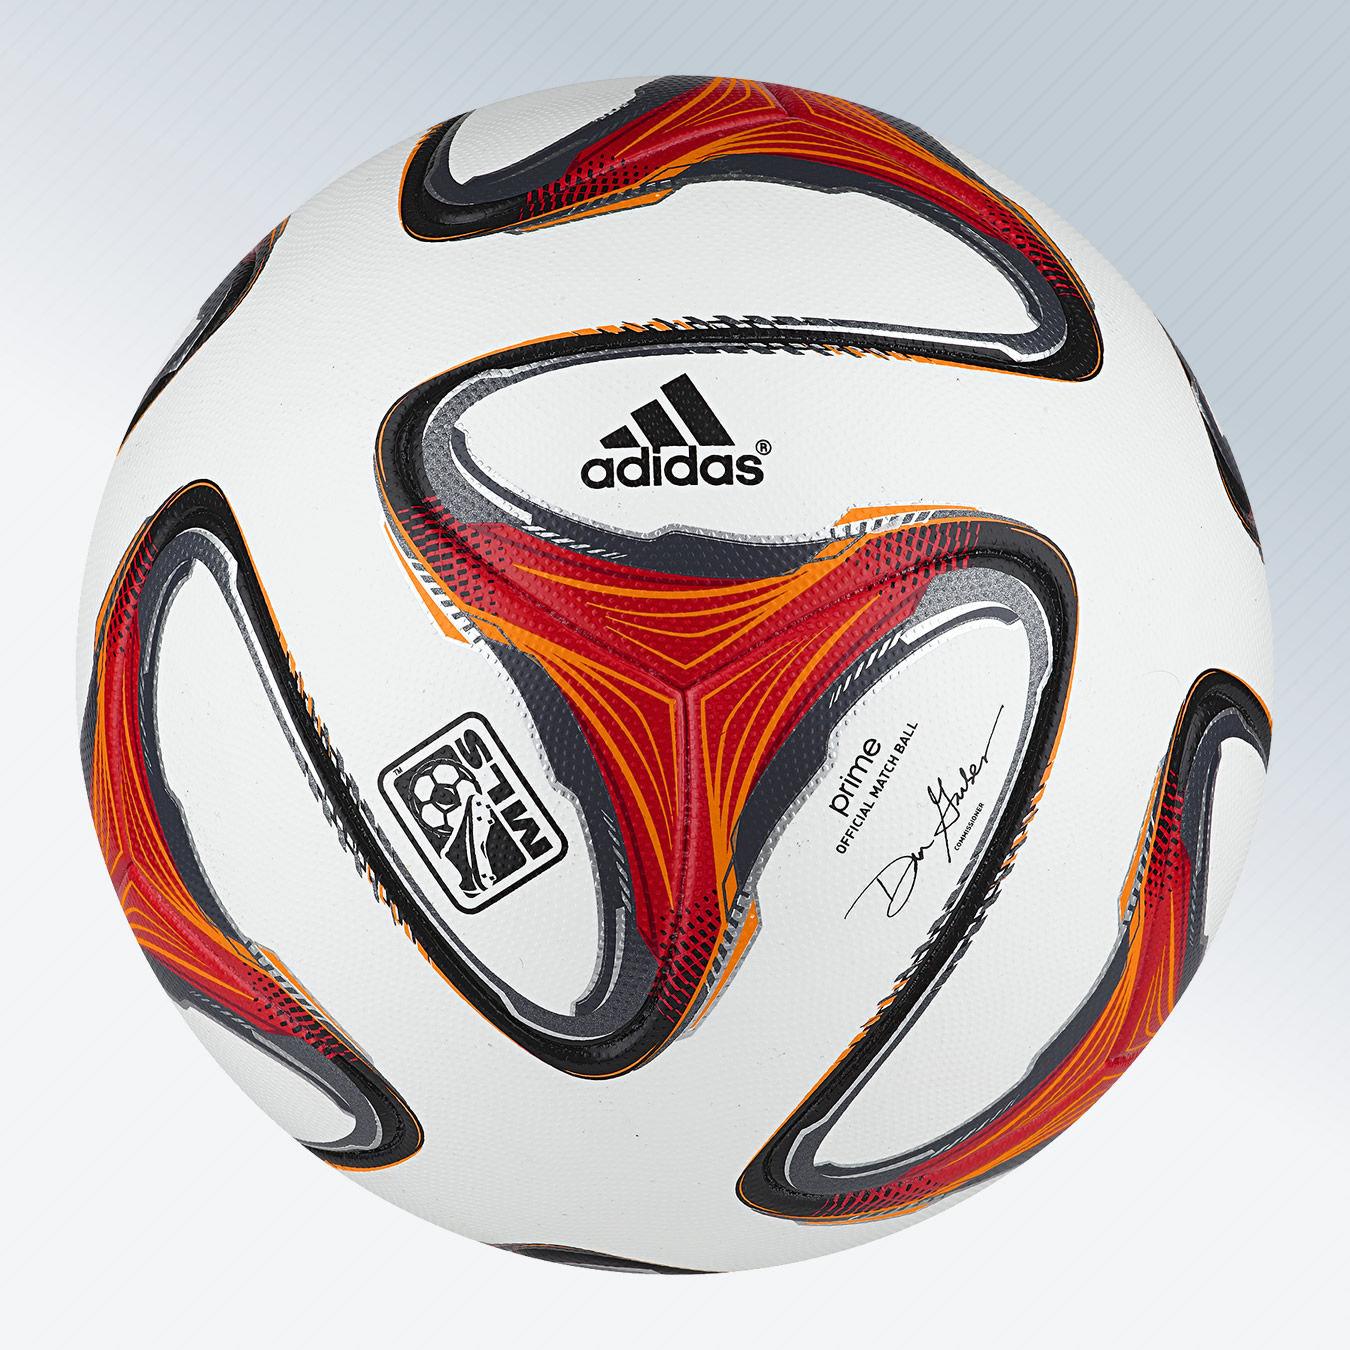 Así luce el balón Adidas Prime | Foto MLS